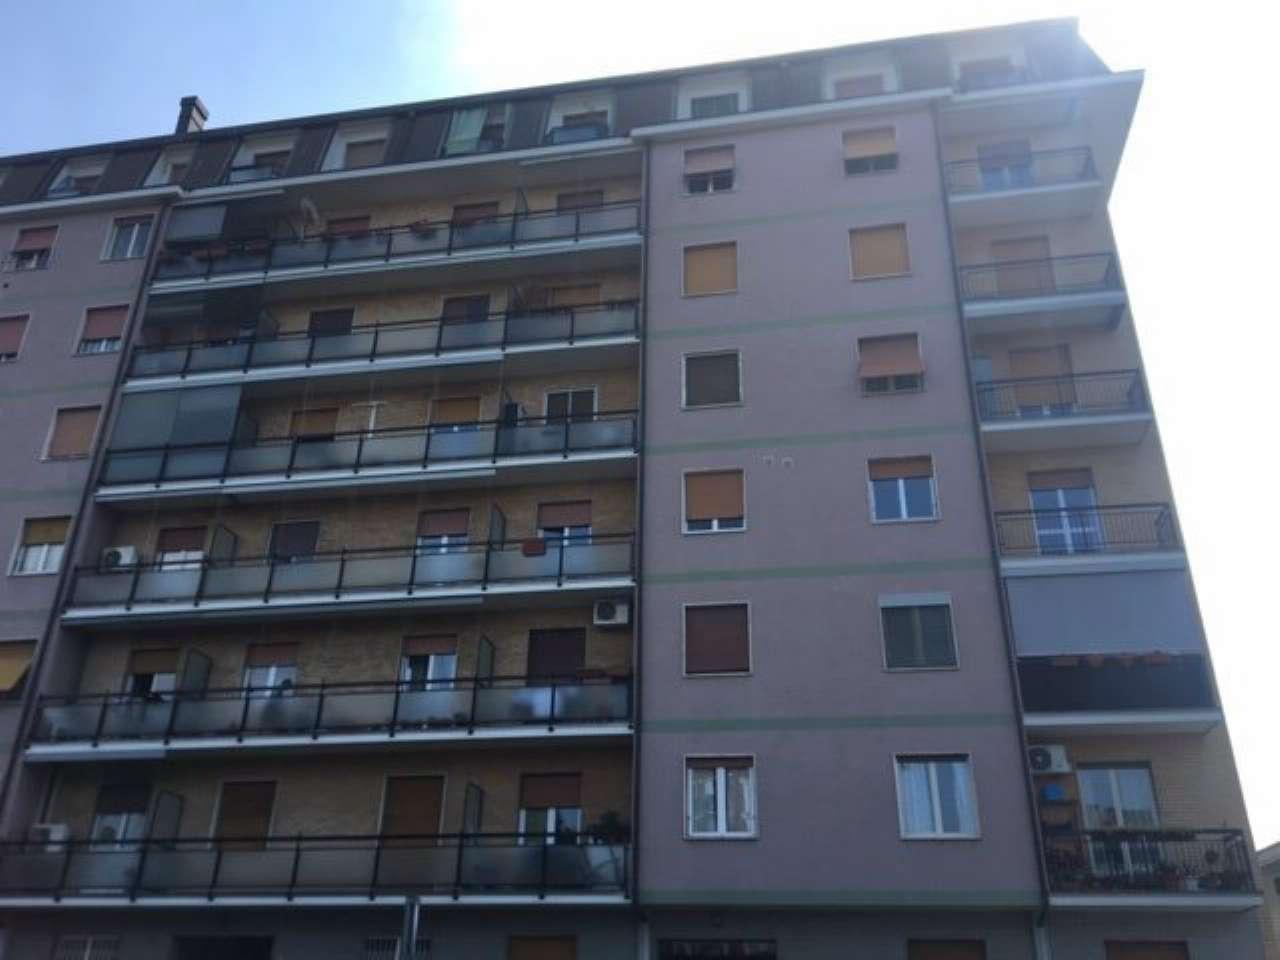 Appartamento in Vendita a Bollate Centro: 3 locali, 85 mq